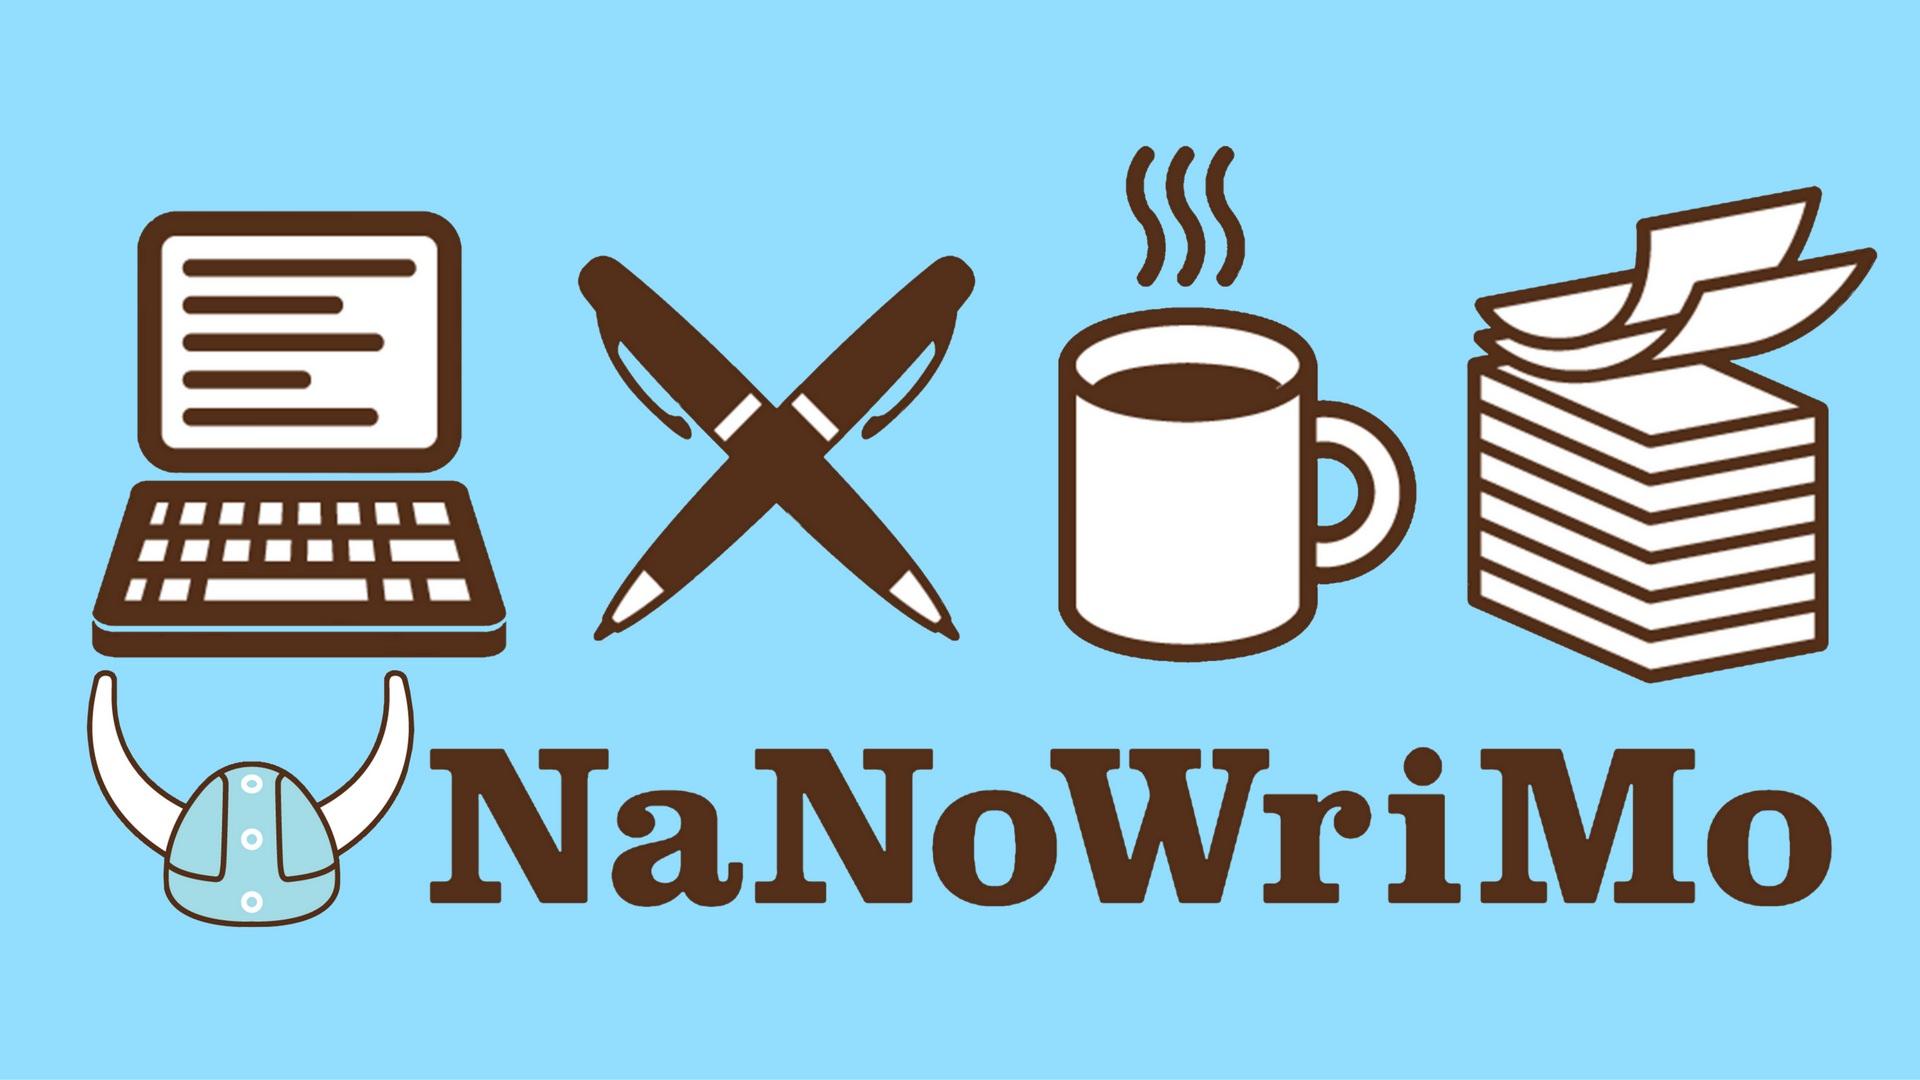 nanowrimo facebook header.jpg